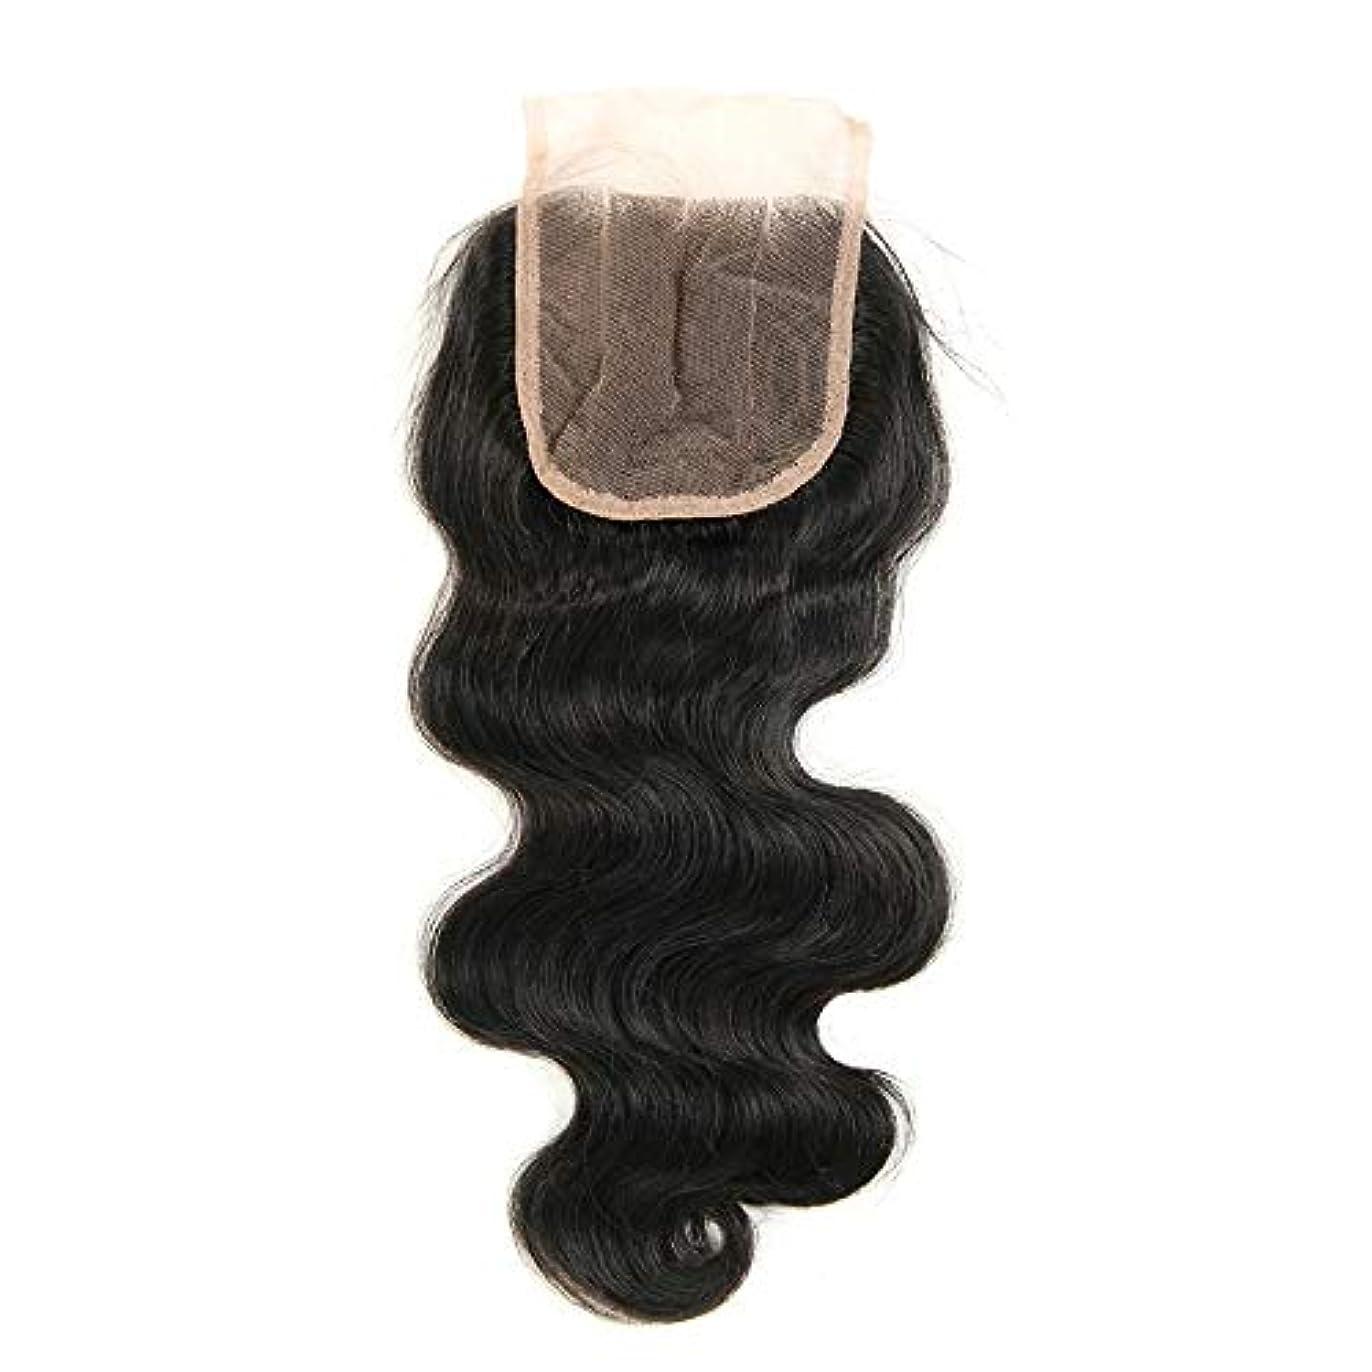 SRY-Wigファッション ヨーロッパとアメリカ人毛ウィッグ用ルーズウェーブカーリー耐熱フロントレースボブヘアブラックファイバーウィッグ女性 (Color : ブラック, Size : 20inch)